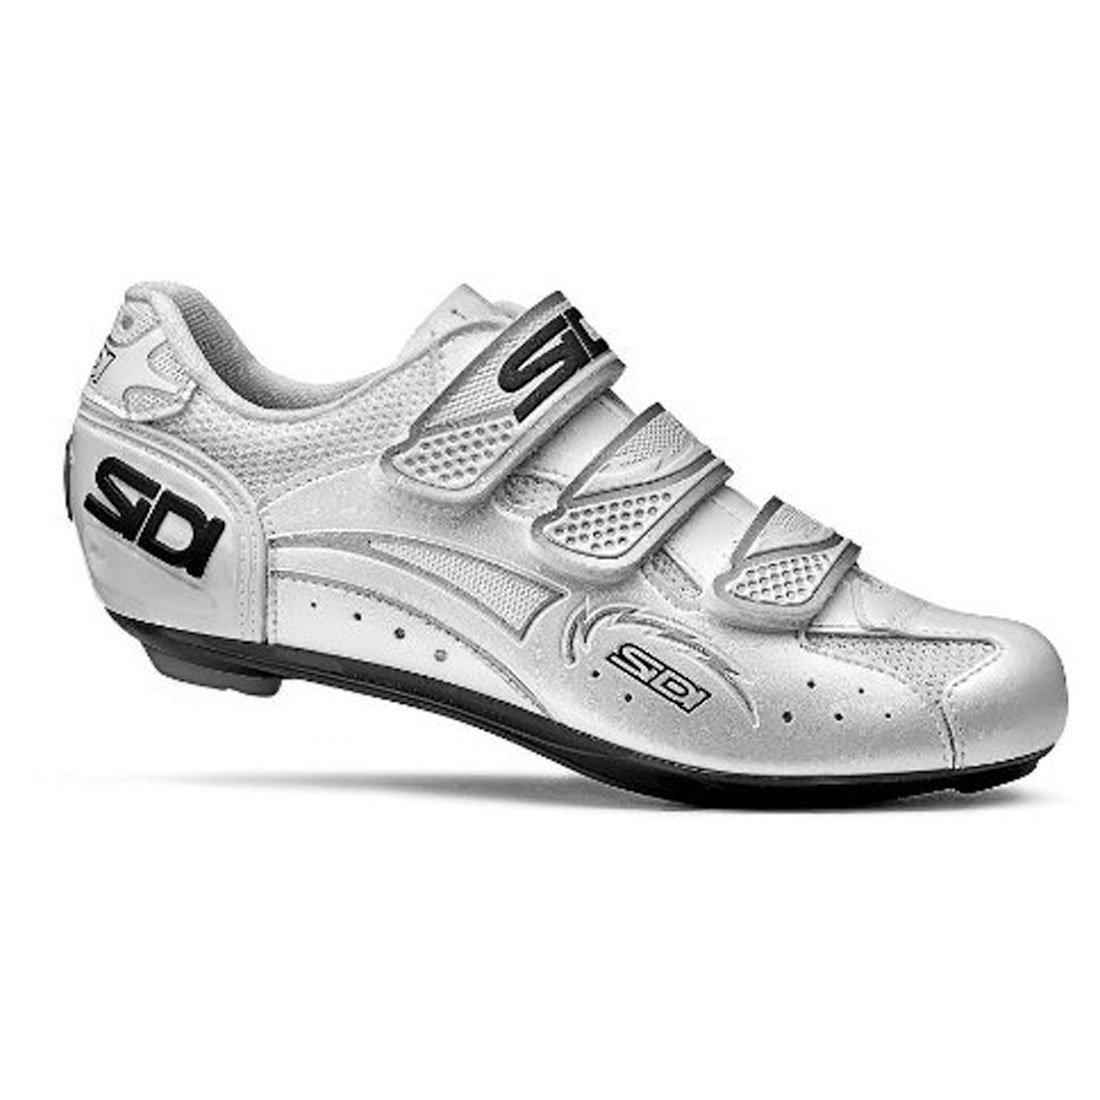 Sidi Zephyr Carbon Bike Shoe - Women's Pearl White, 36.0